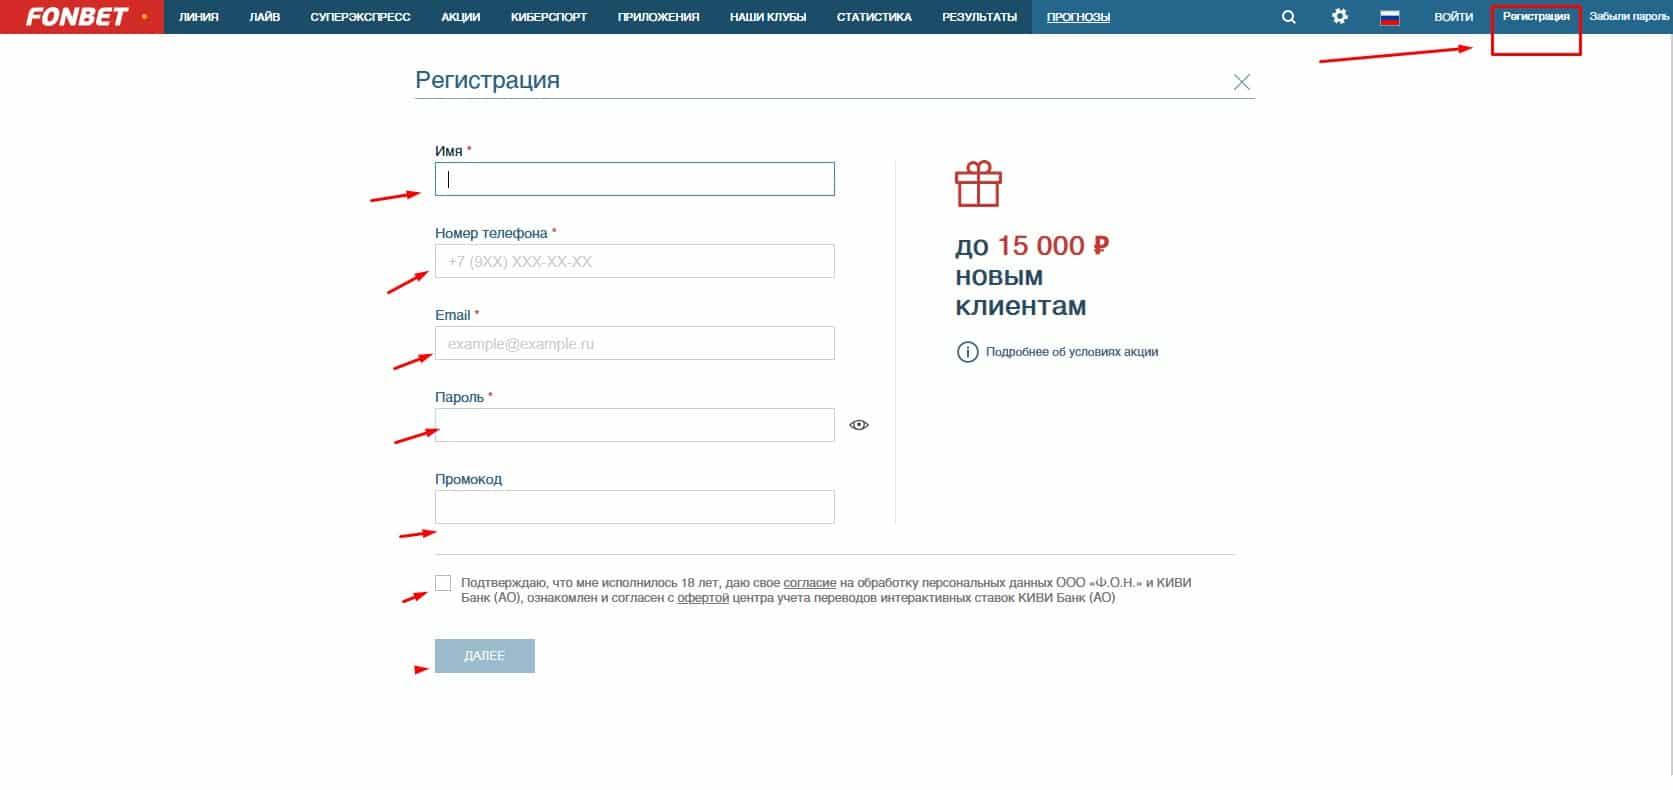 Букмекерская контора фонбет обзор сайта fonbet